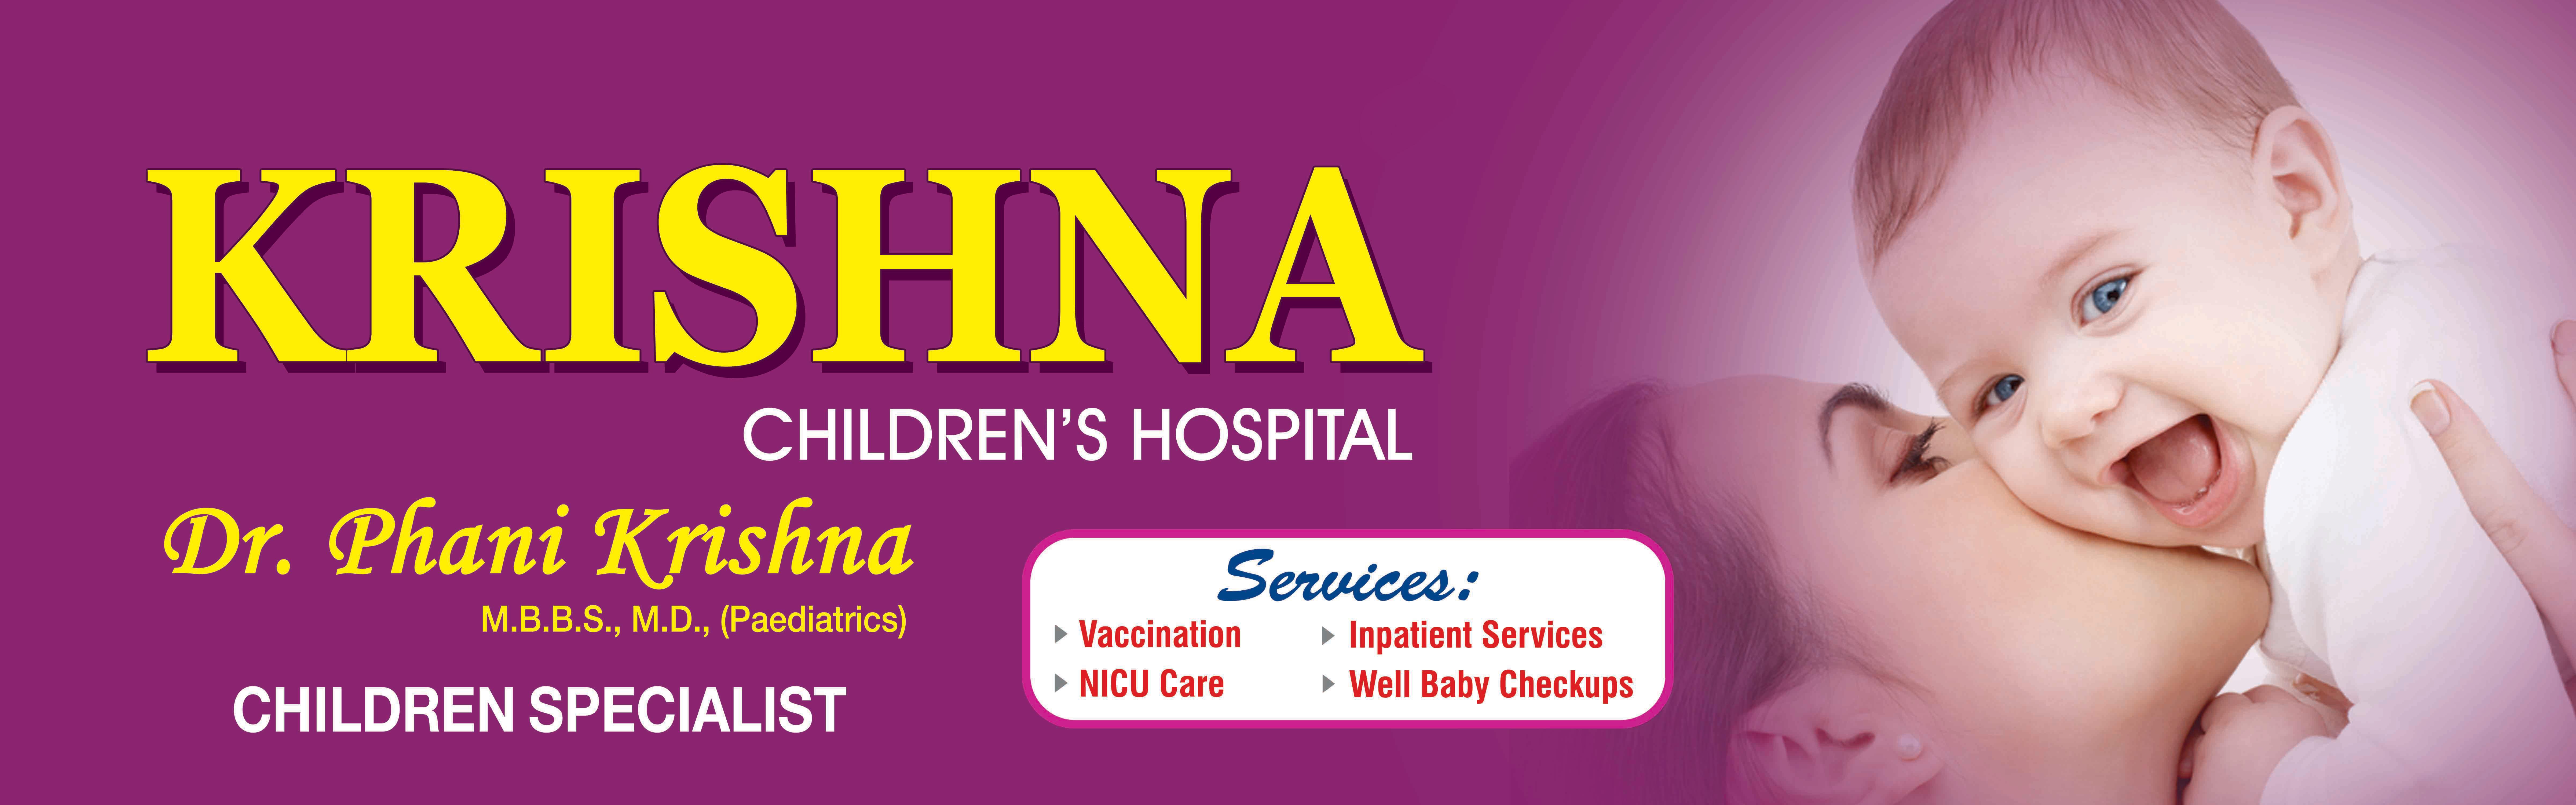 Krishna Children's Hospital